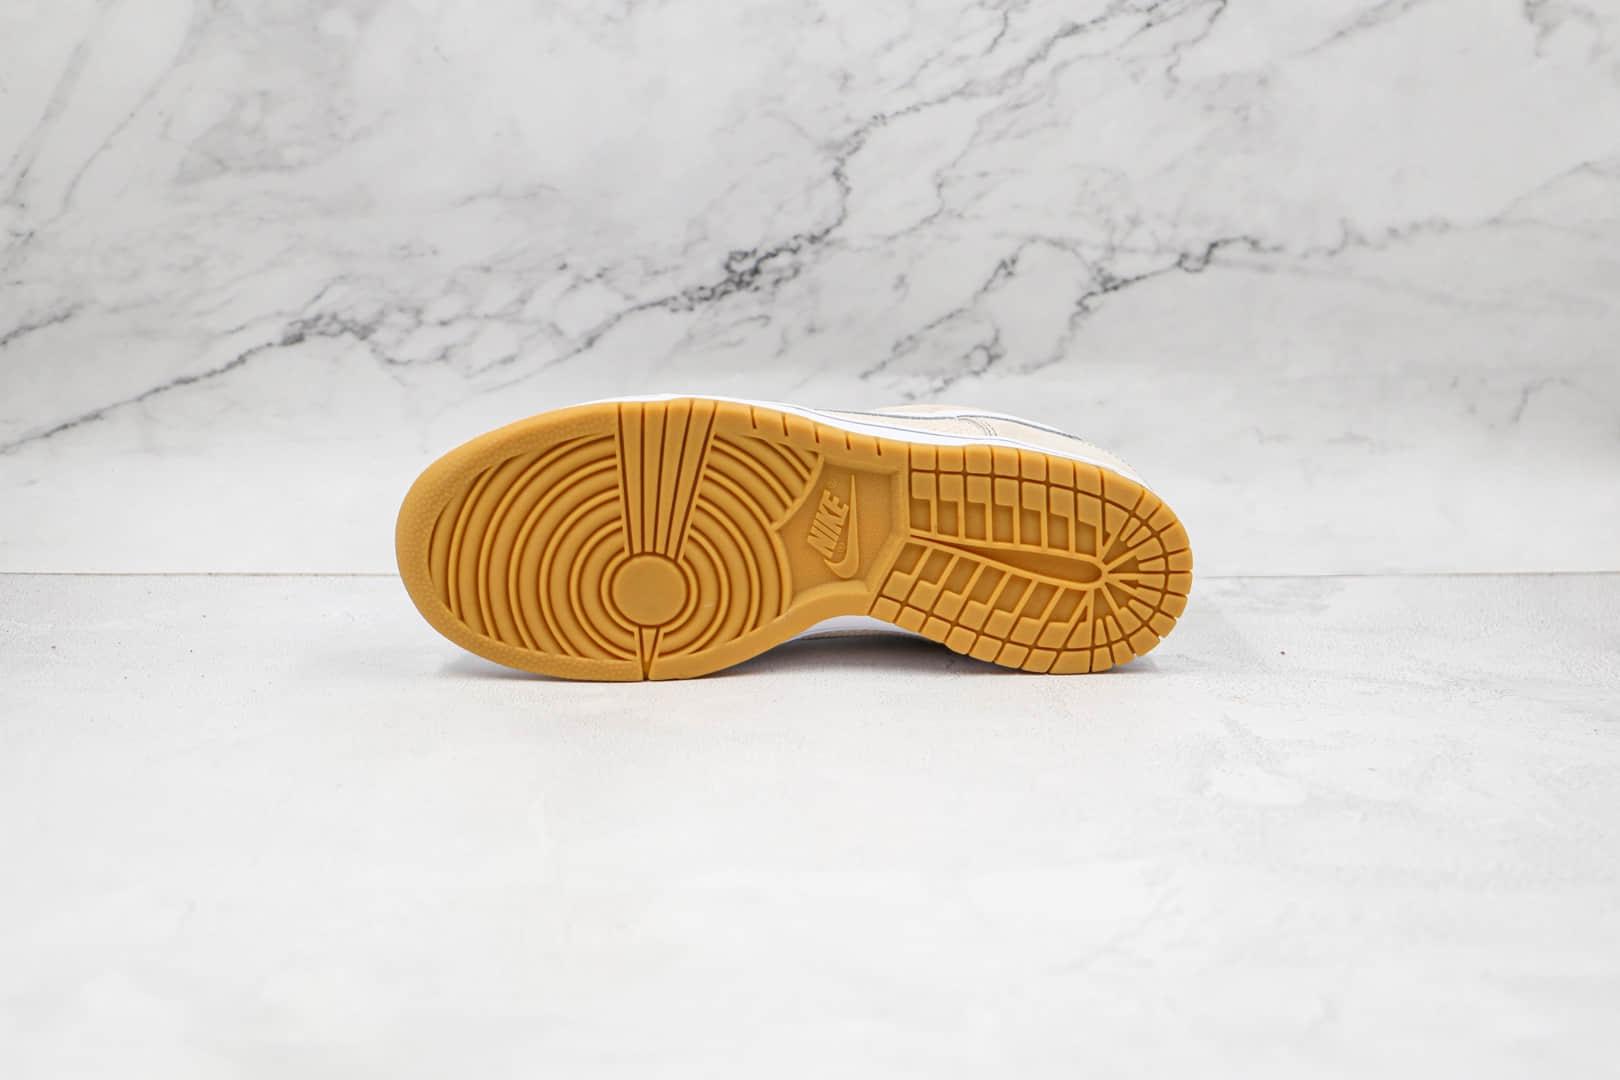 耐克NIKE DUNK SB LOW纯原版本低帮SB DUNK夏威夷白黄色帆布板鞋内置后跟Zoom气垫 货号:308608-011